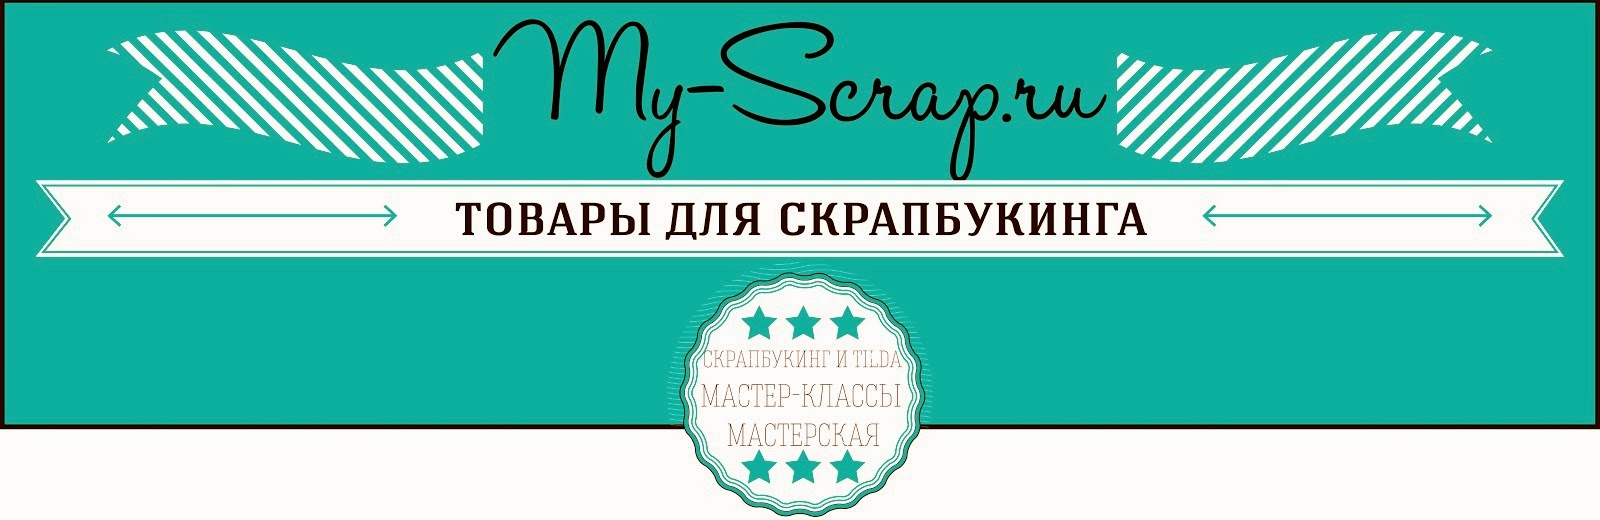 ............My-Scrap.Ru...........